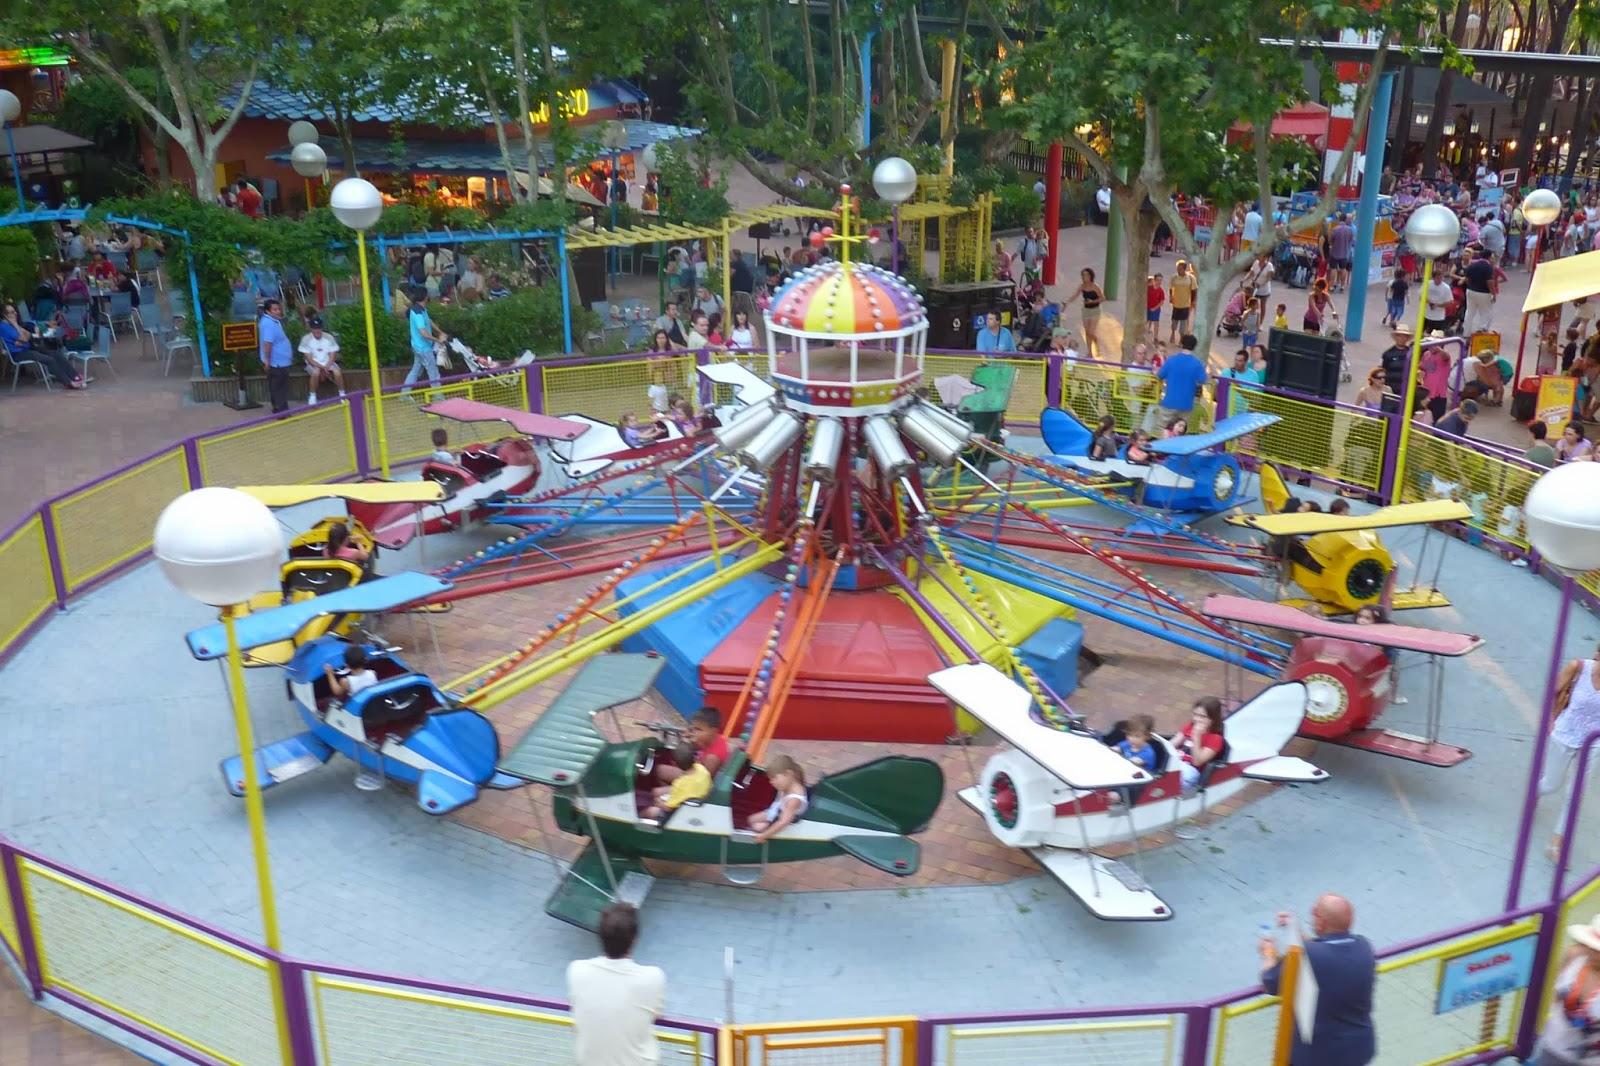 Turbulencias. Parque de Atracciones de Madrid.